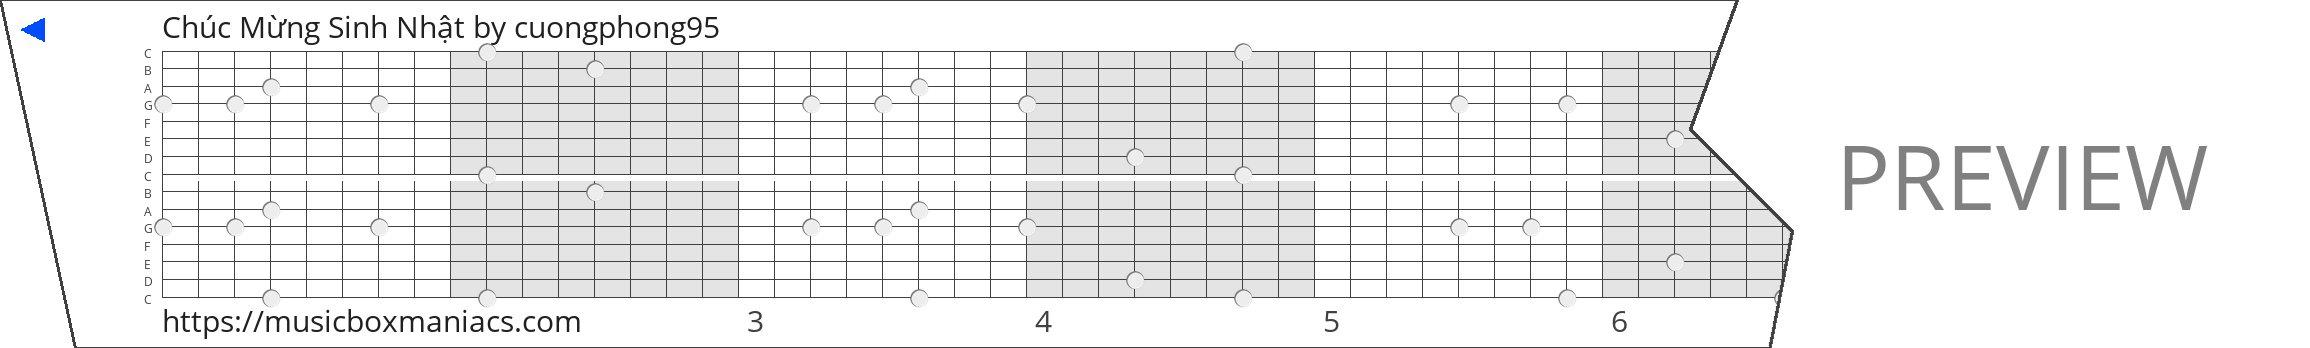 Chúc Mừng Sinh Nhật 15 note music box paper strip